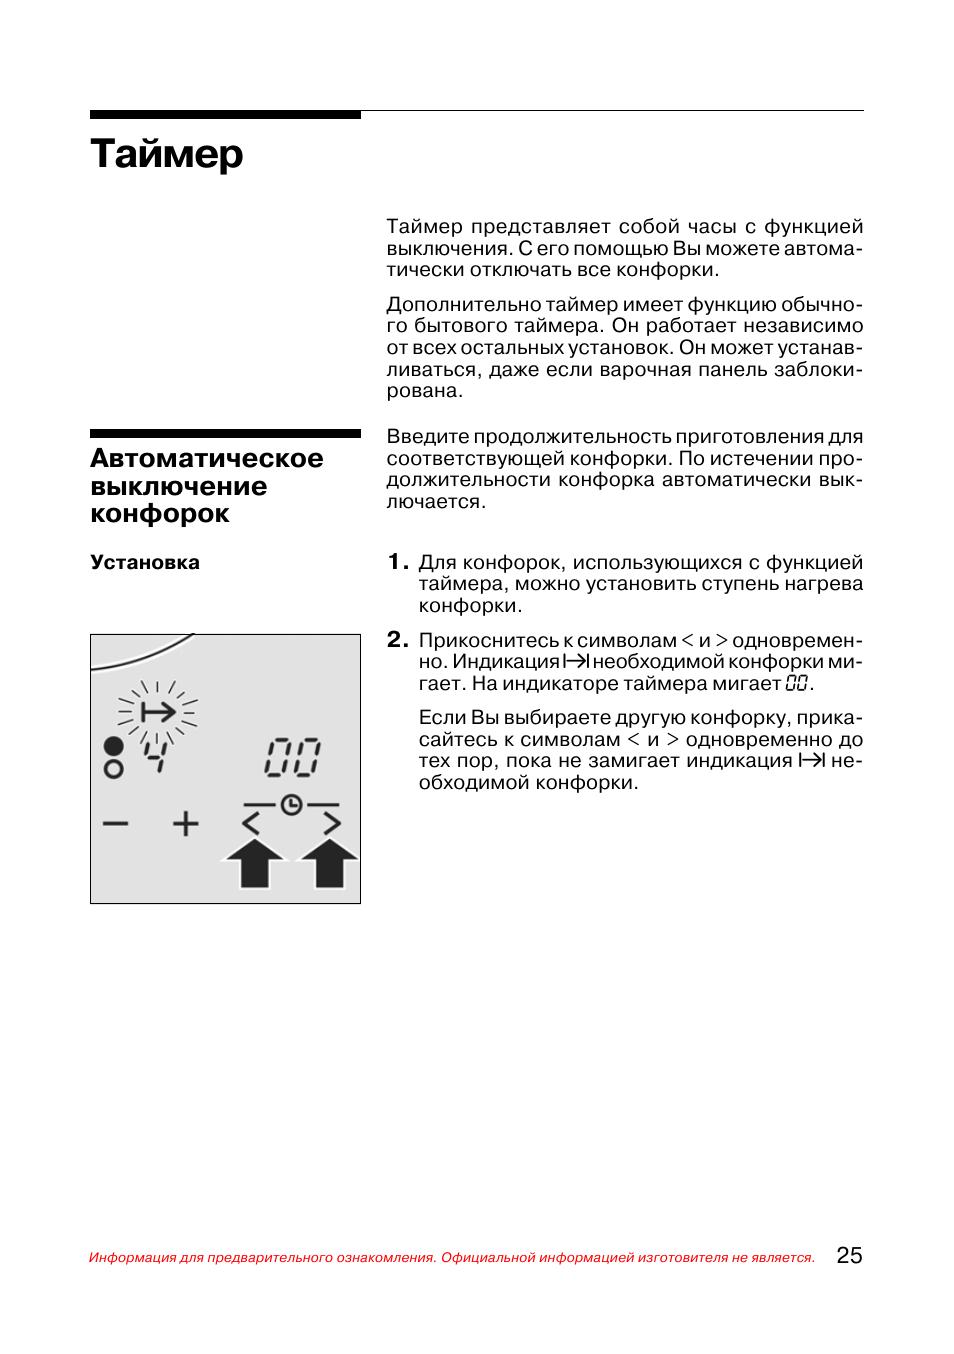 варочная панель сименс et735501 инструкция по пользованию